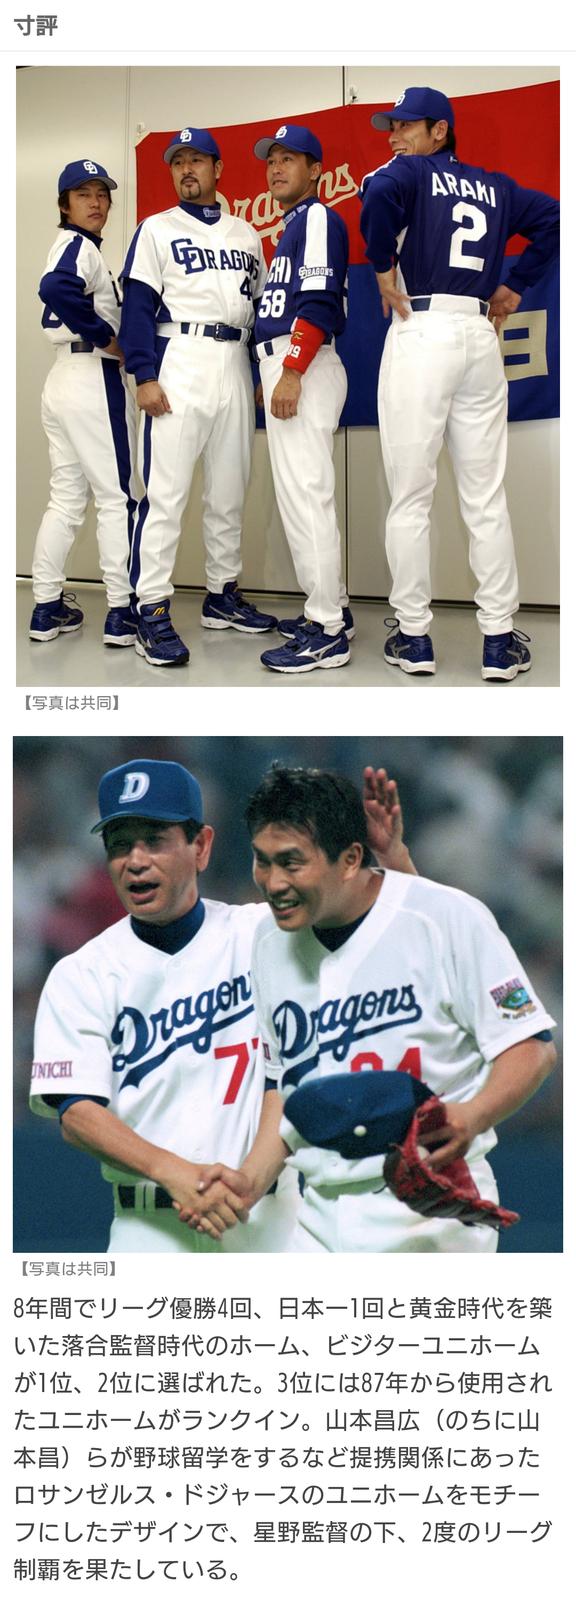 ファンが選ぶプロ野球・ユニホームランキング2